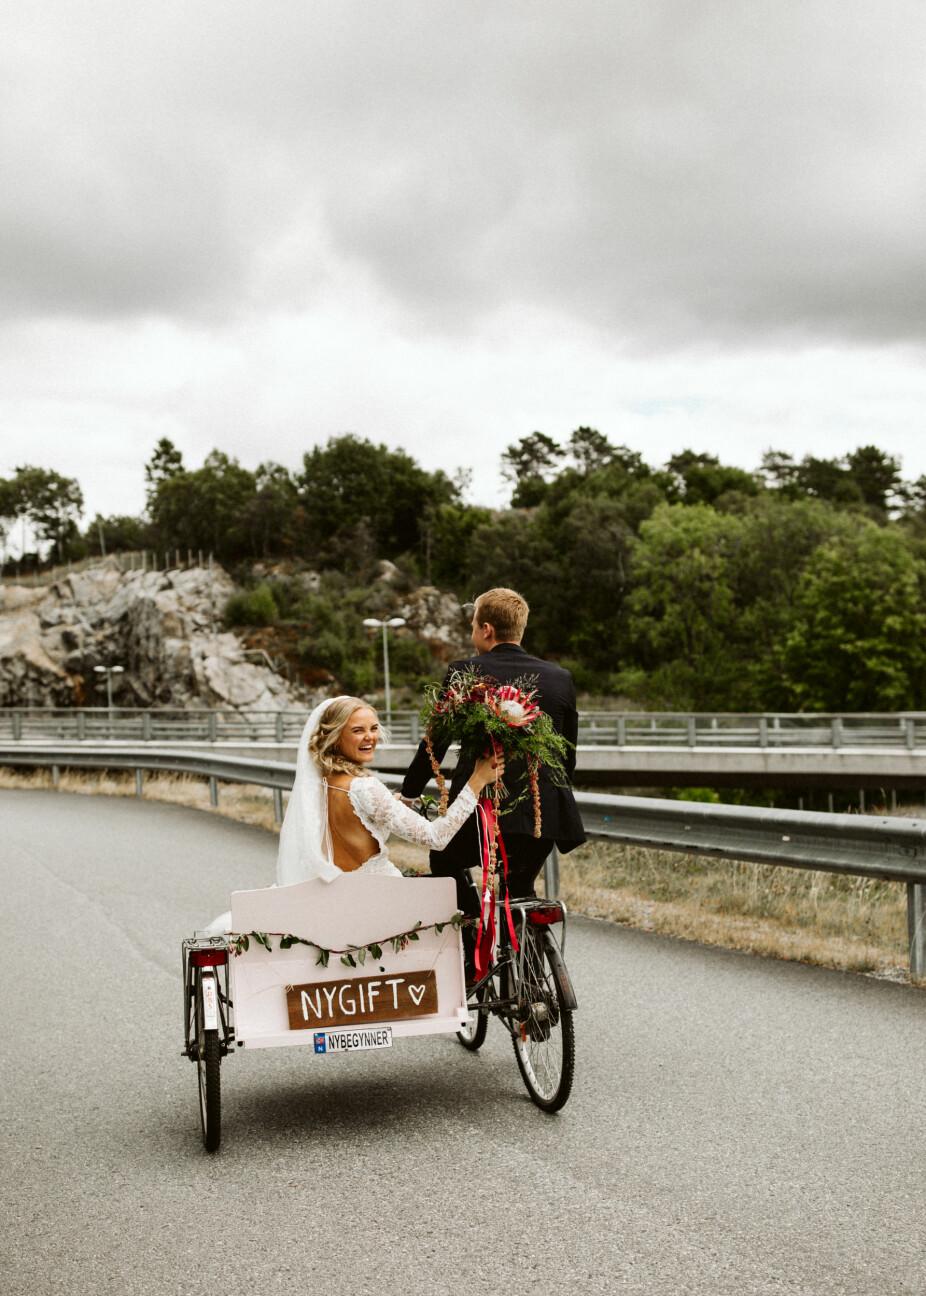 Det nygifte brudeparet sykler fra kirken i lykkerus!